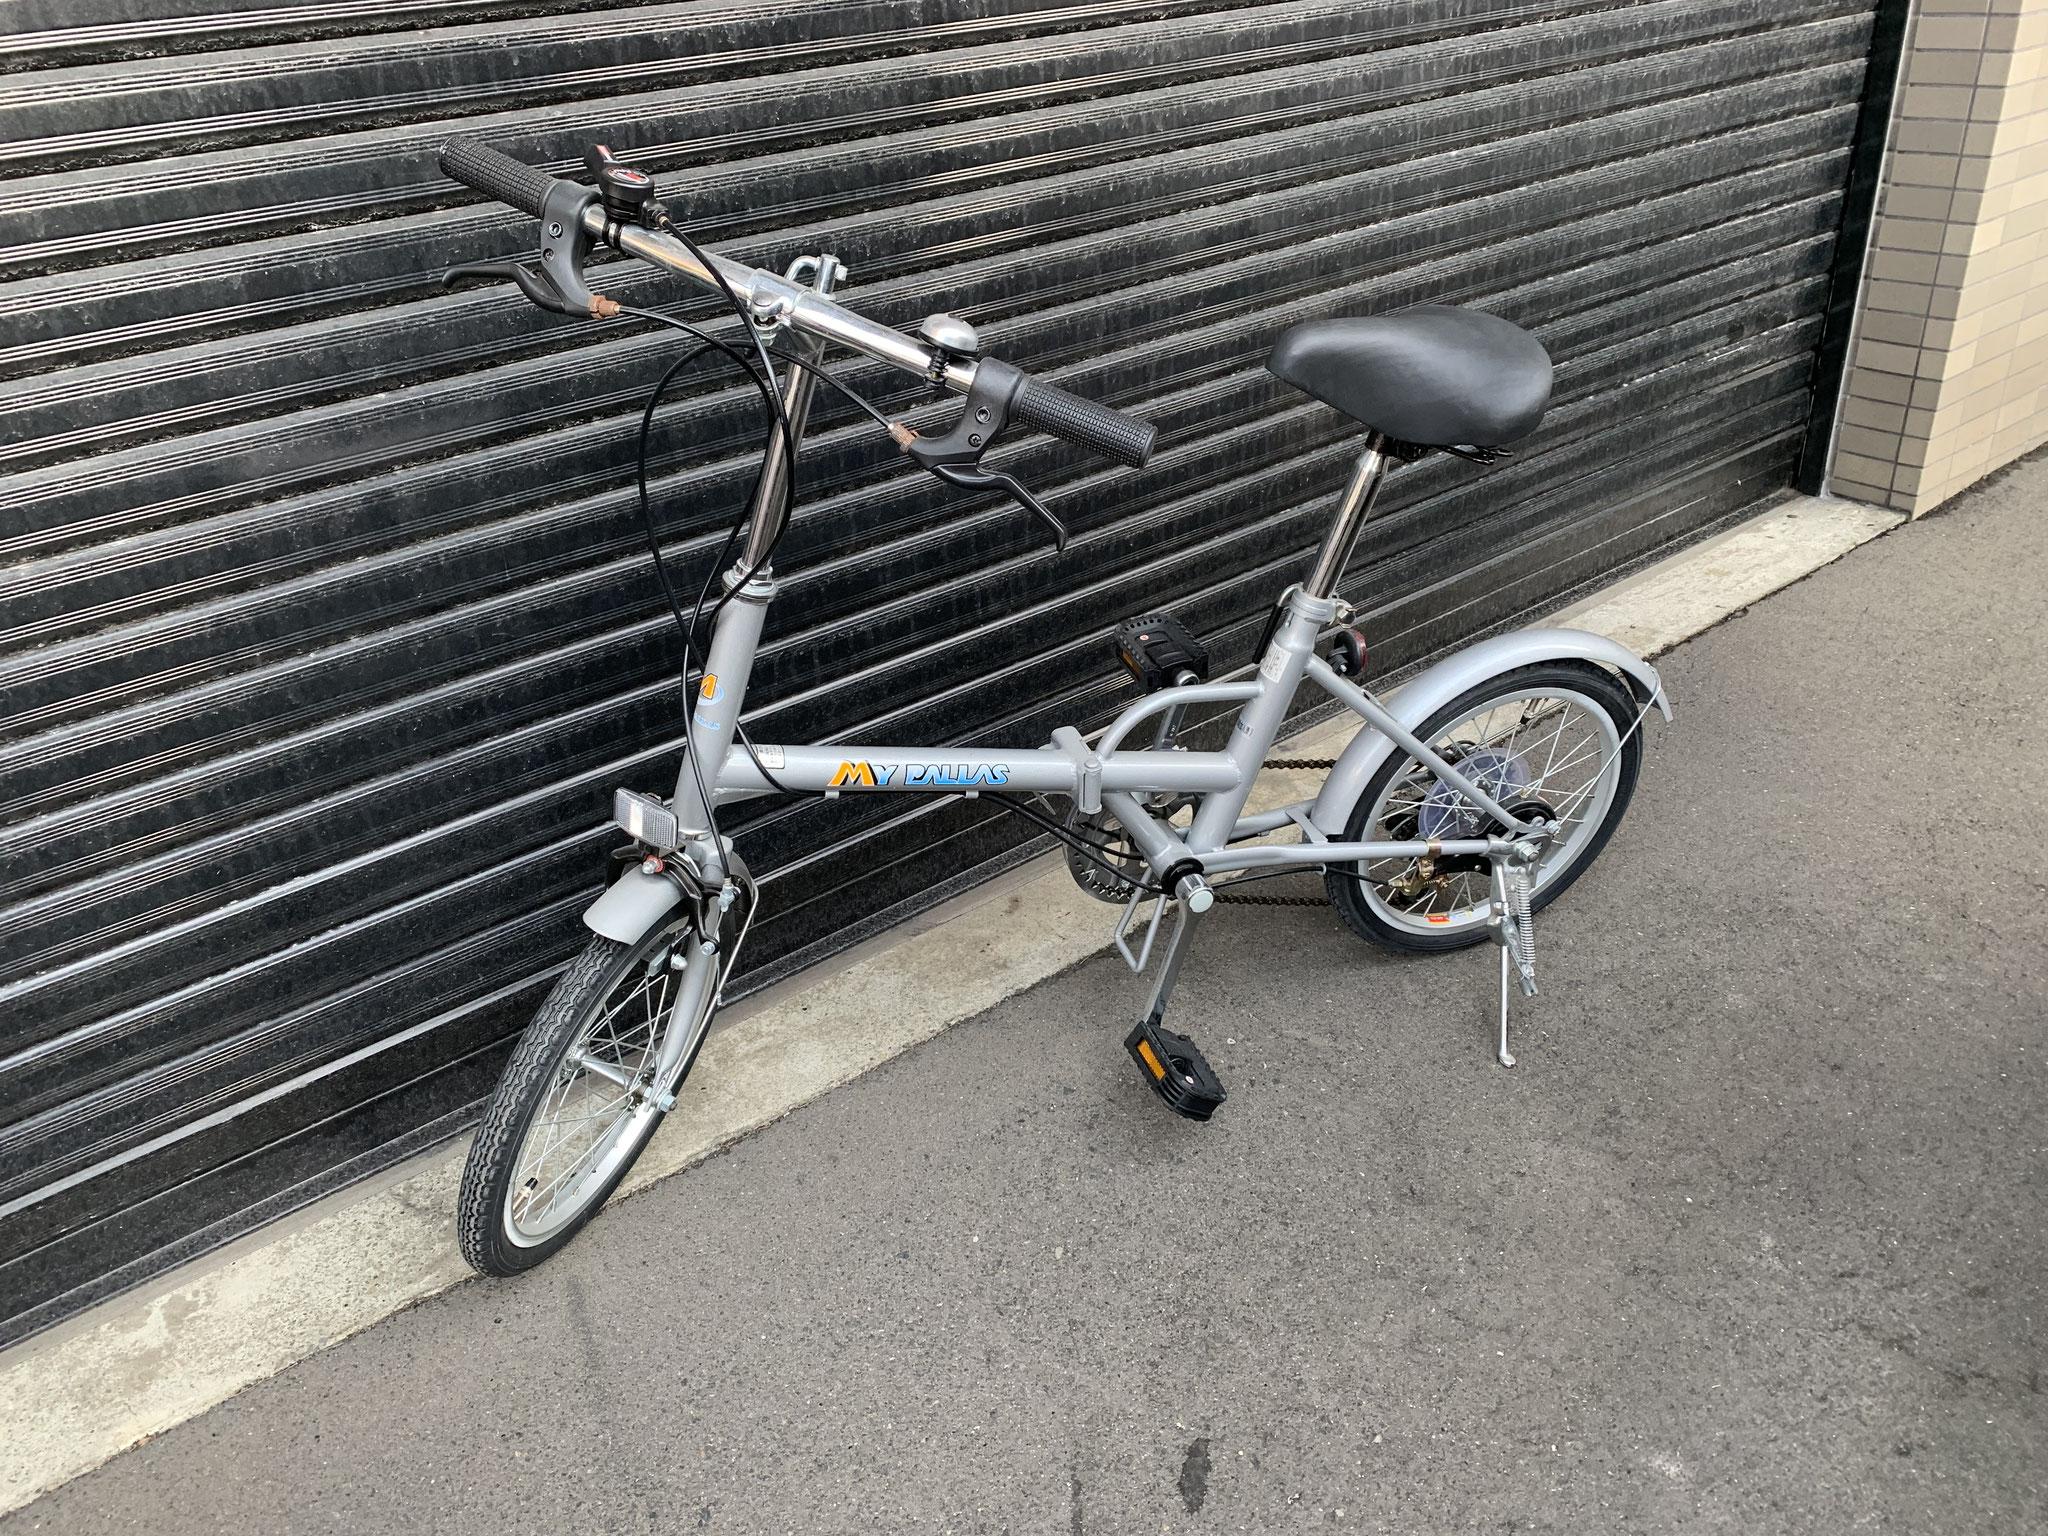 札幌 16インチ折り畳み自転車 買取価格1500円